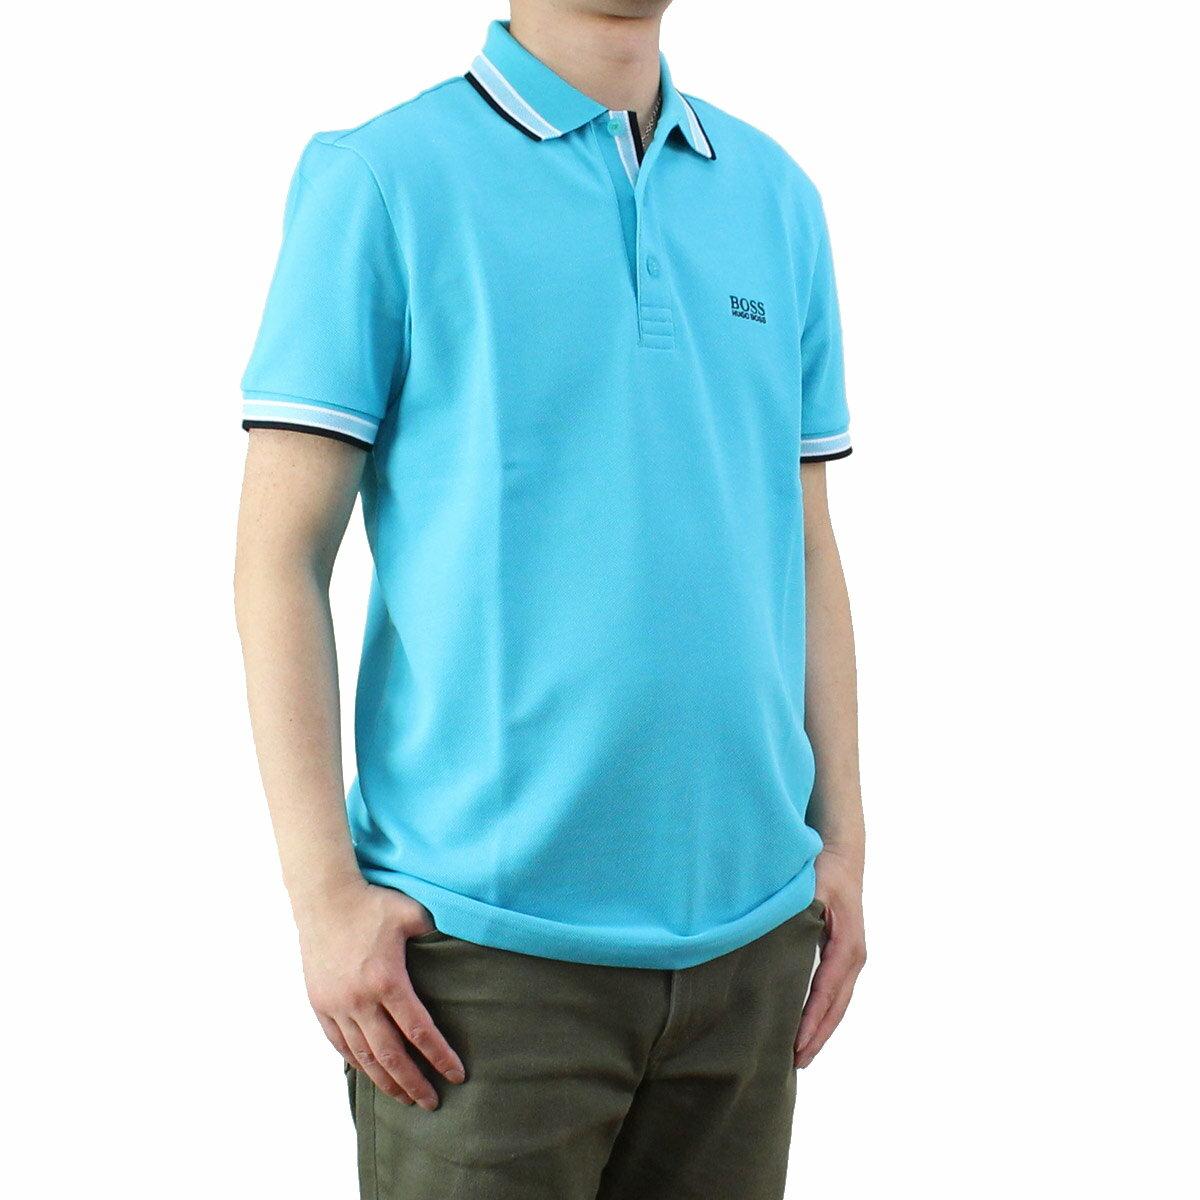 ヒューゴ ボス HUGO BOSS PADDY パディ メンズ ポロシャツ 50302557 10102943 488 ブルー系 【メンズ】【半袖 ゴルフウェア】